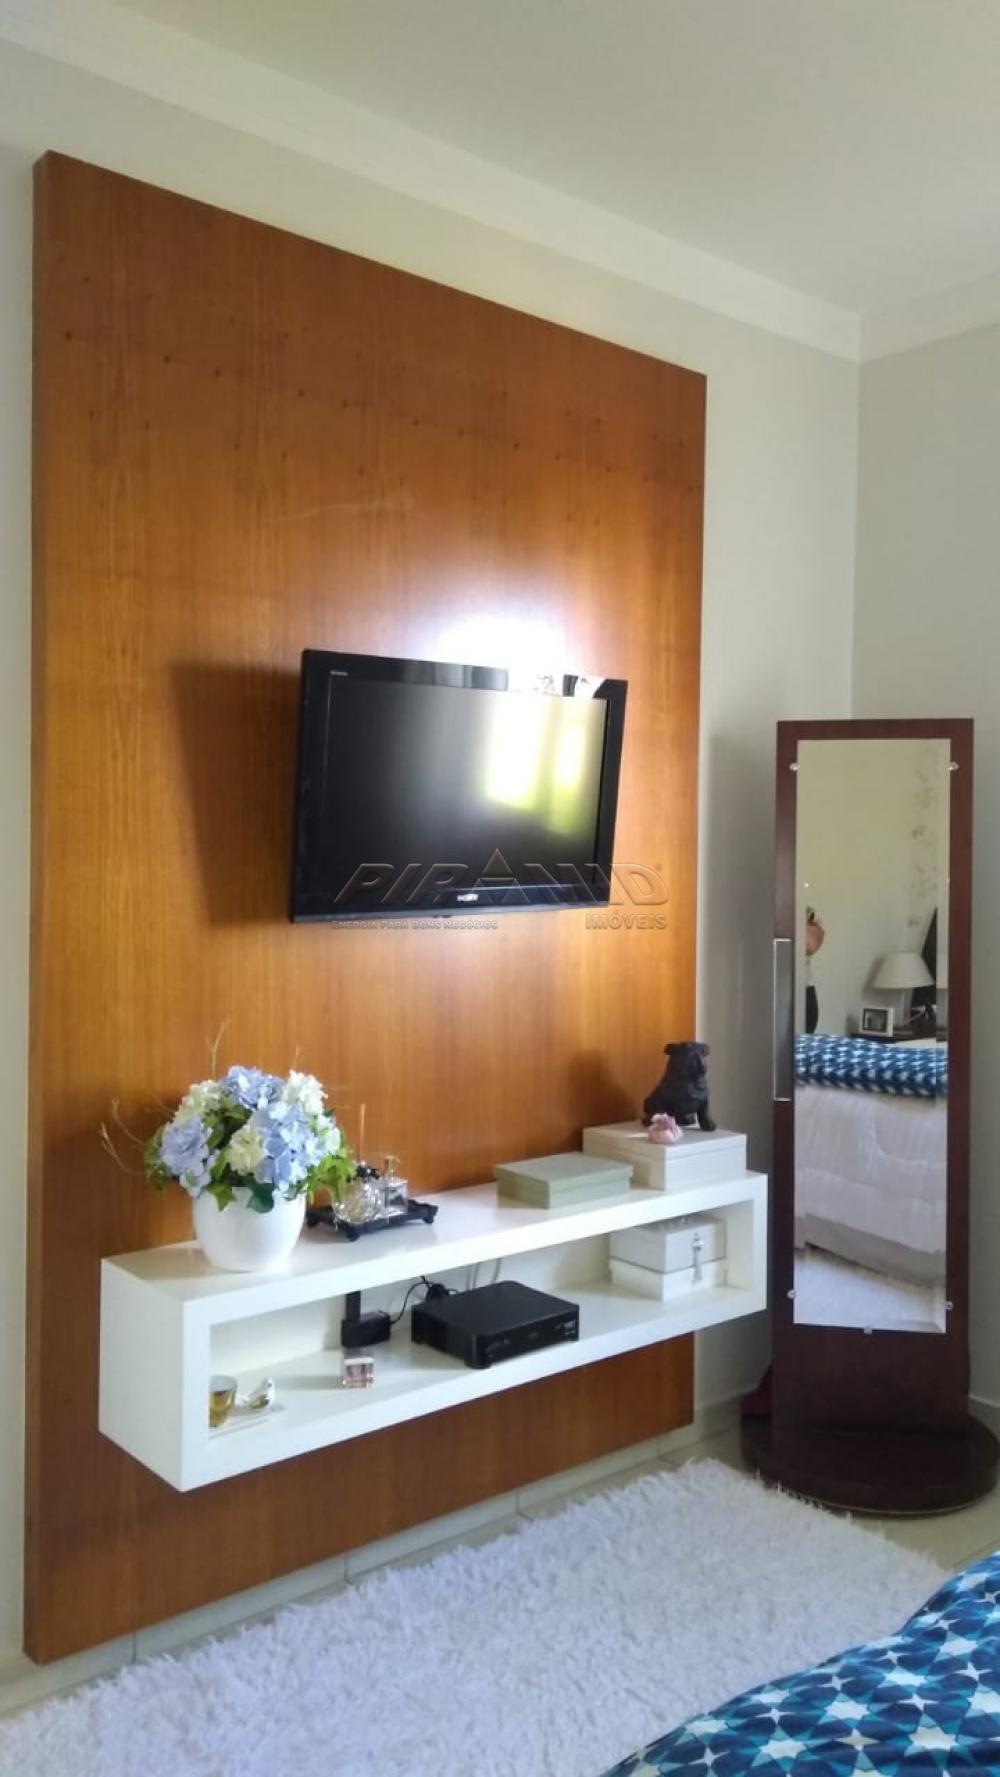 Comprar Casa / Condomínio em Ribeirão Preto R$ 2.330.000,00 - Foto 37